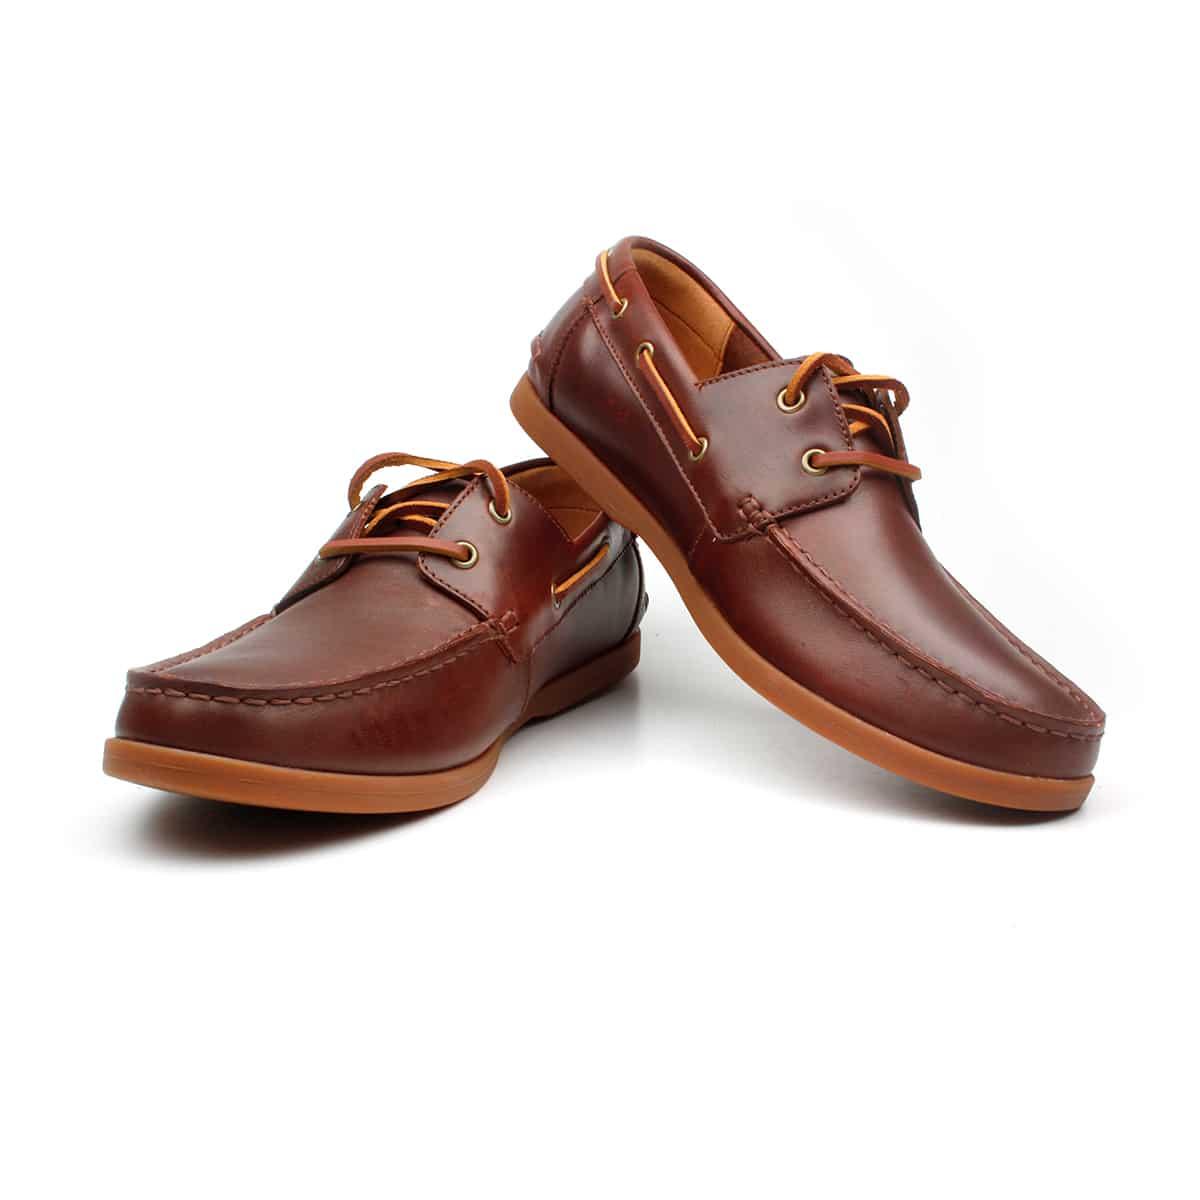 Clarks Morven Sail - 121 Shoes